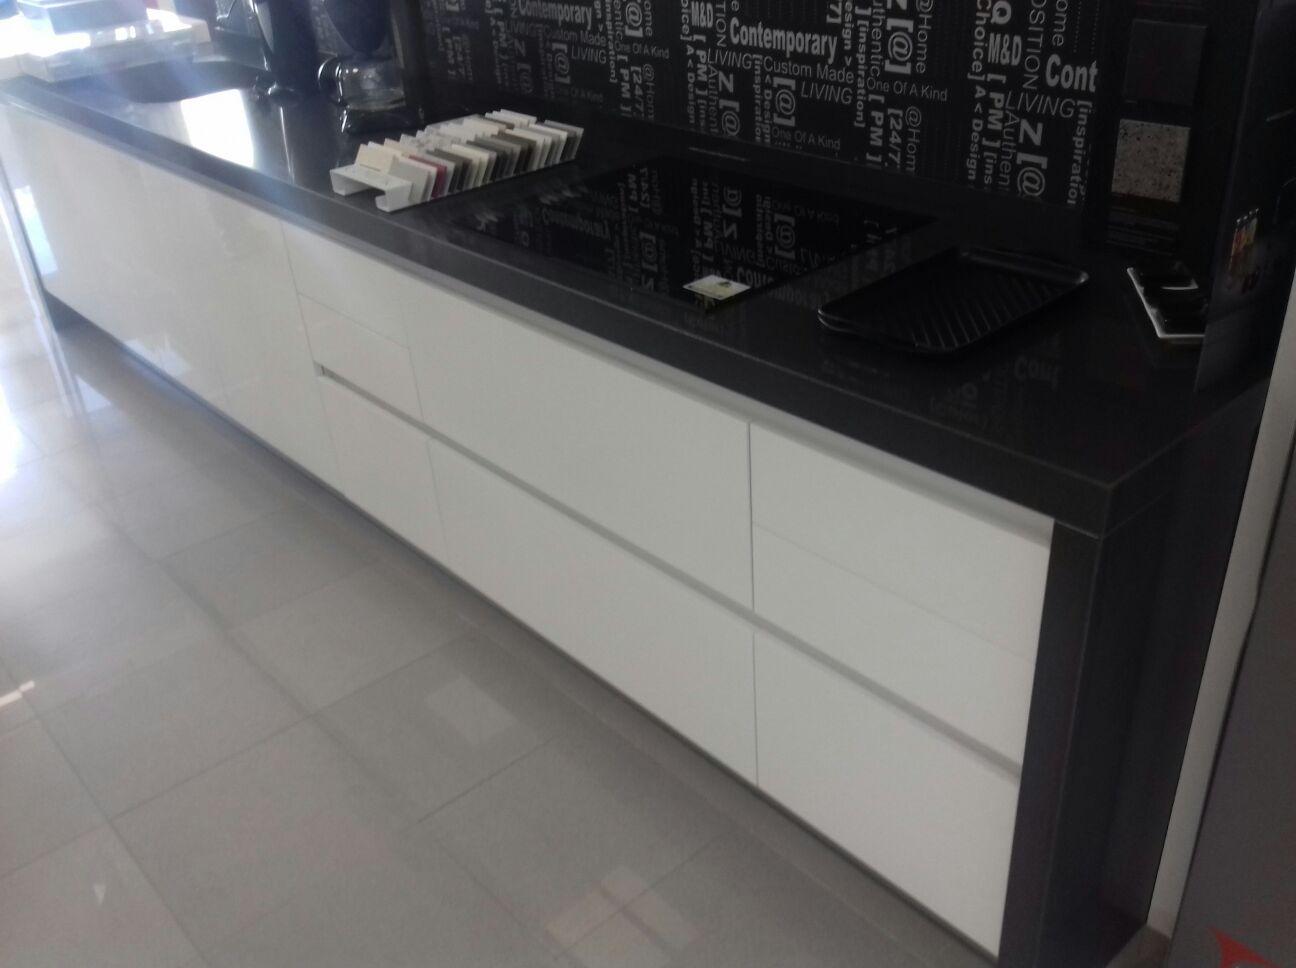 Muebles de cocina exposicion stunning muebles de cocina - Liquidacion de muebles de cocina de exposicion ...